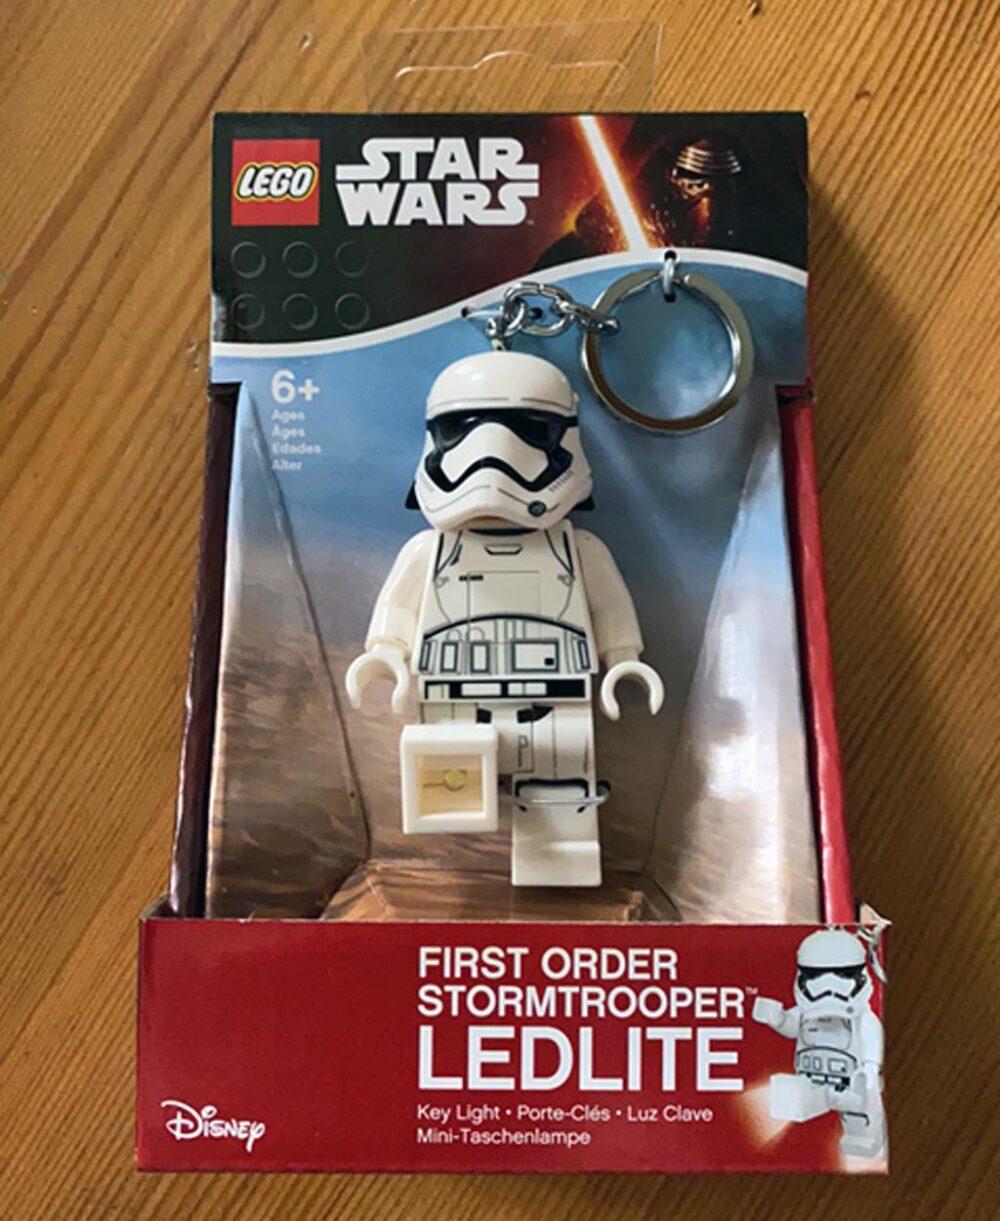 LEGO Star Wars Firist Order Stormtrooper LEDLite